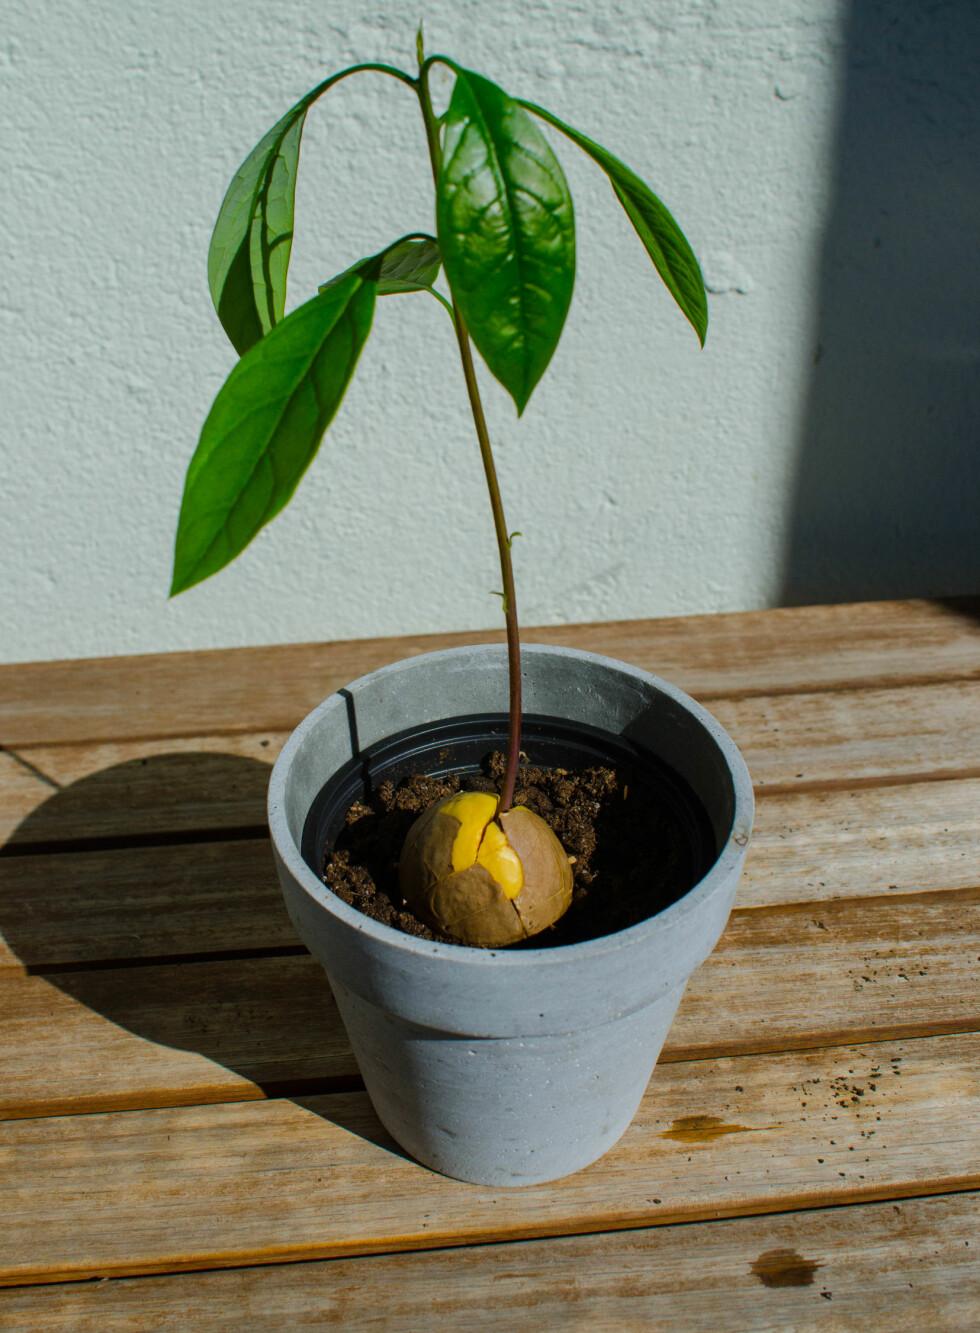 7: Når stilken er rundt 10 cm lang kan du plante den i en potte med jord. Foto: AKSEL RYNNING